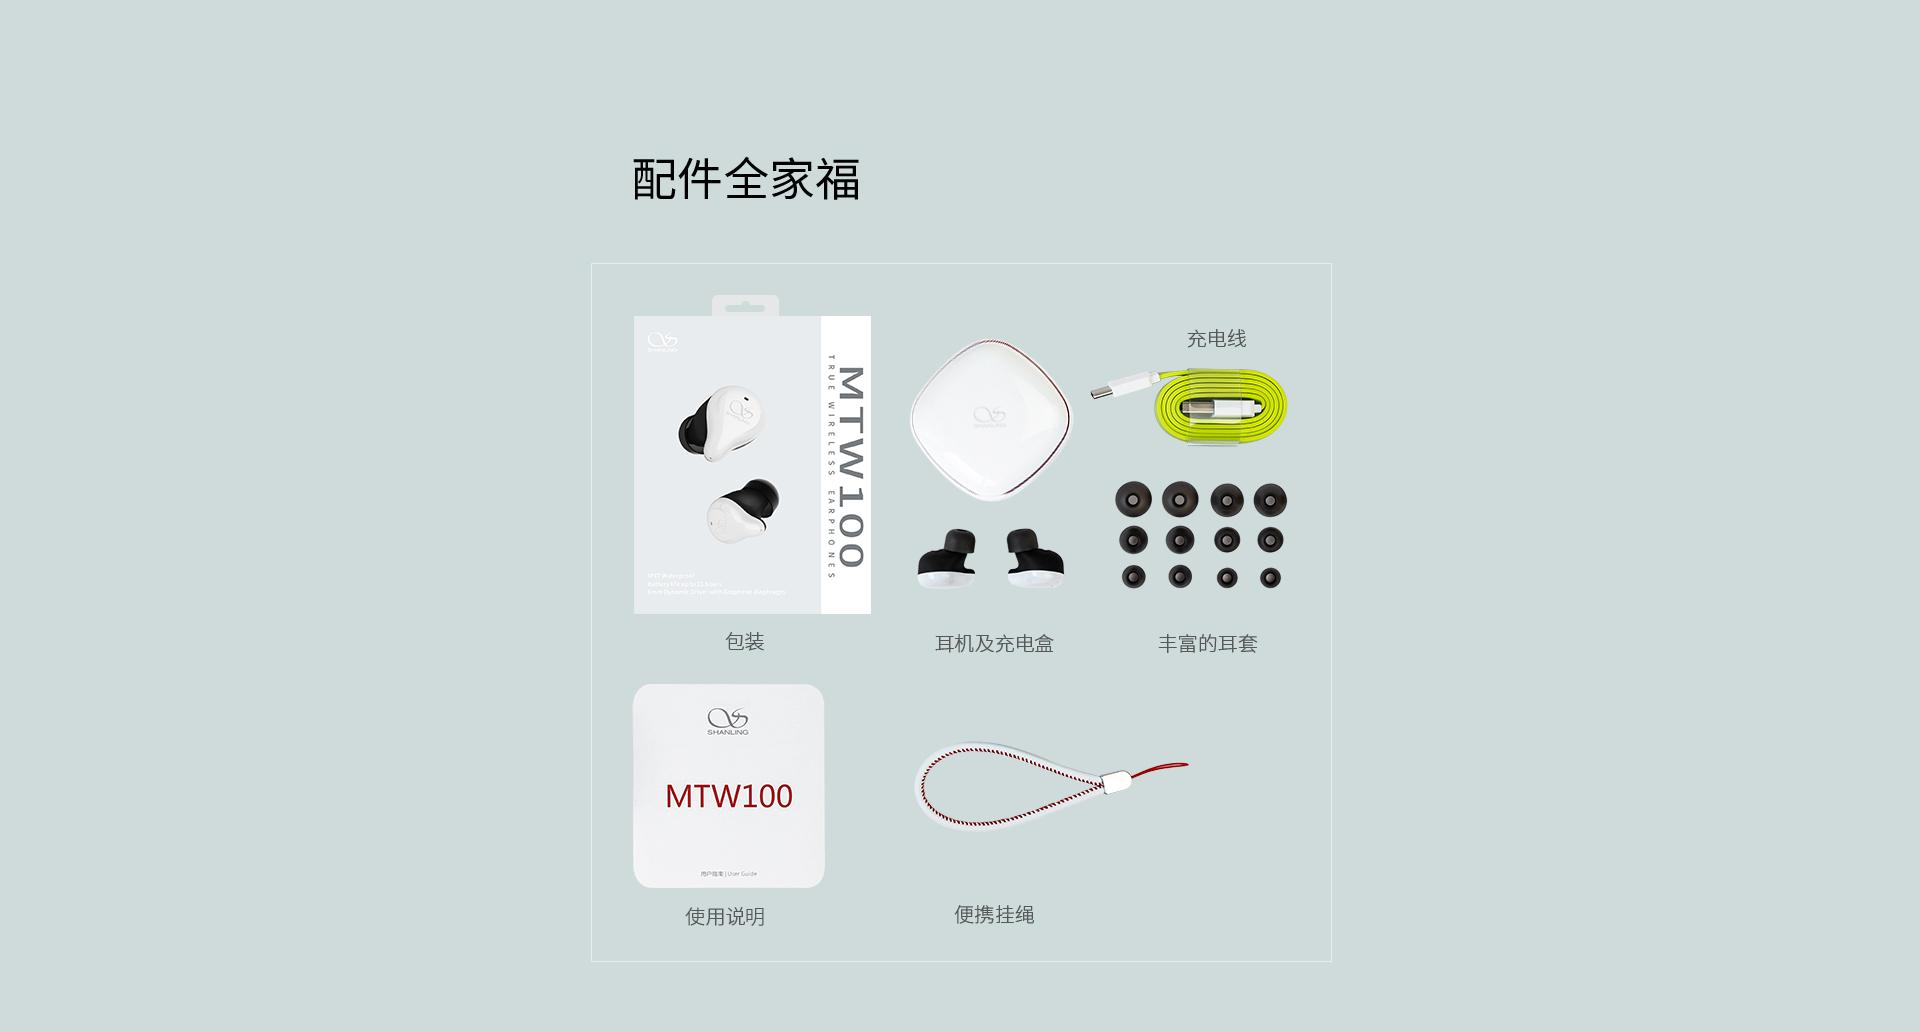 中文官网_15.jpg